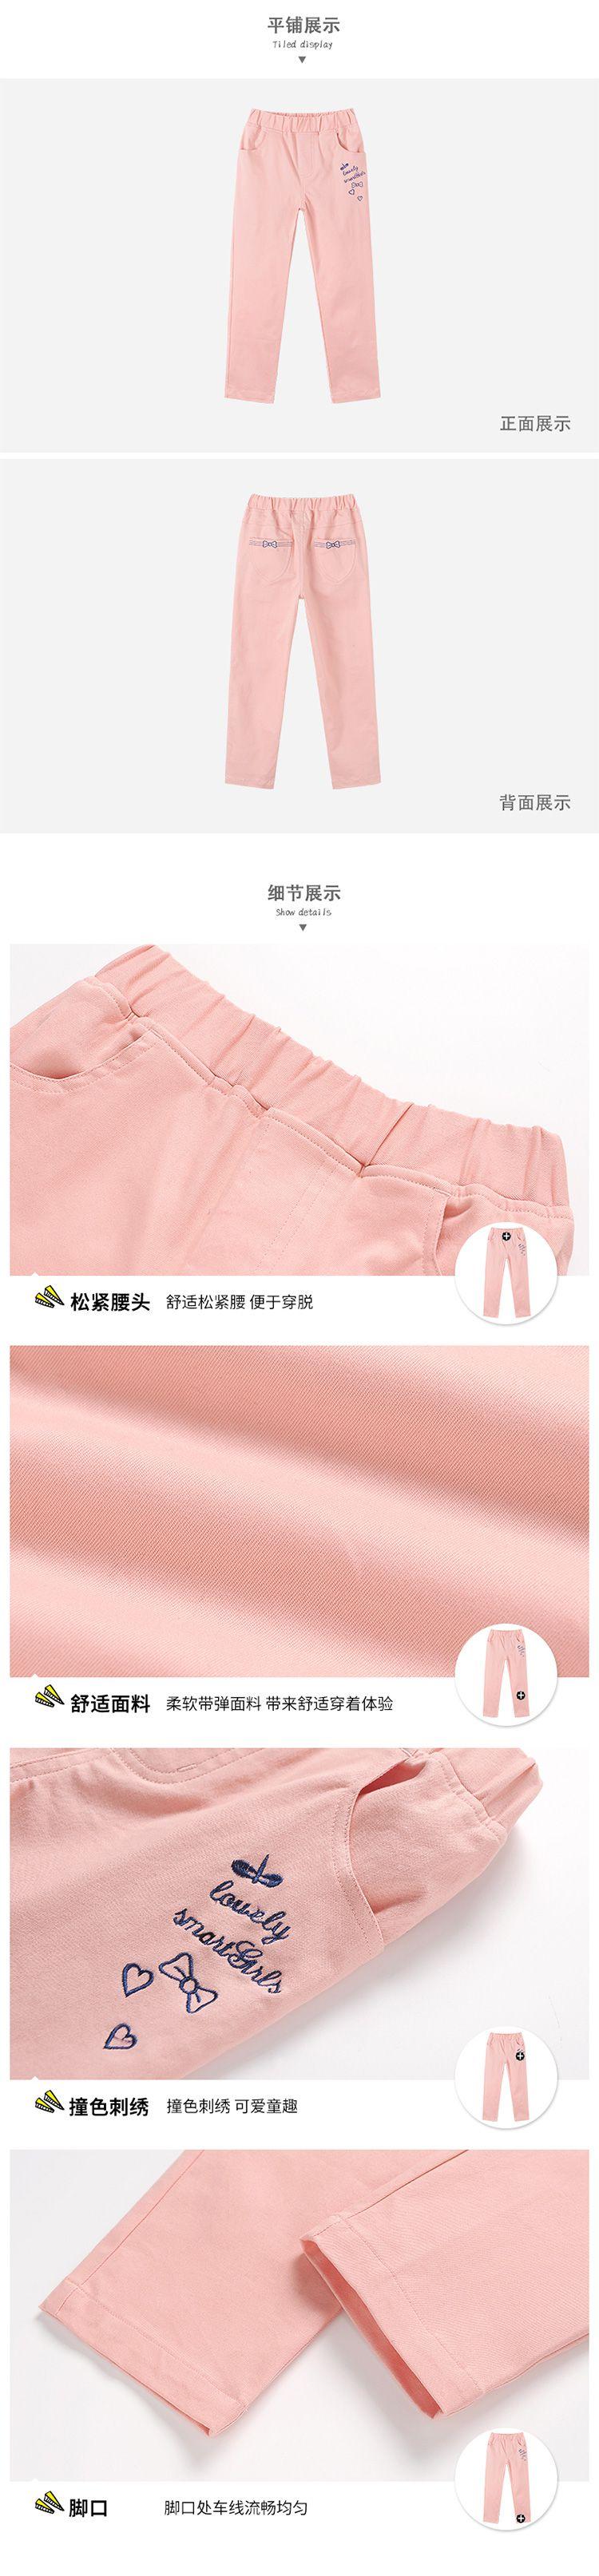 风格: 小清新 适用季节: 冬 品牌名称: 衣品天成 商品名称: 女童粉色